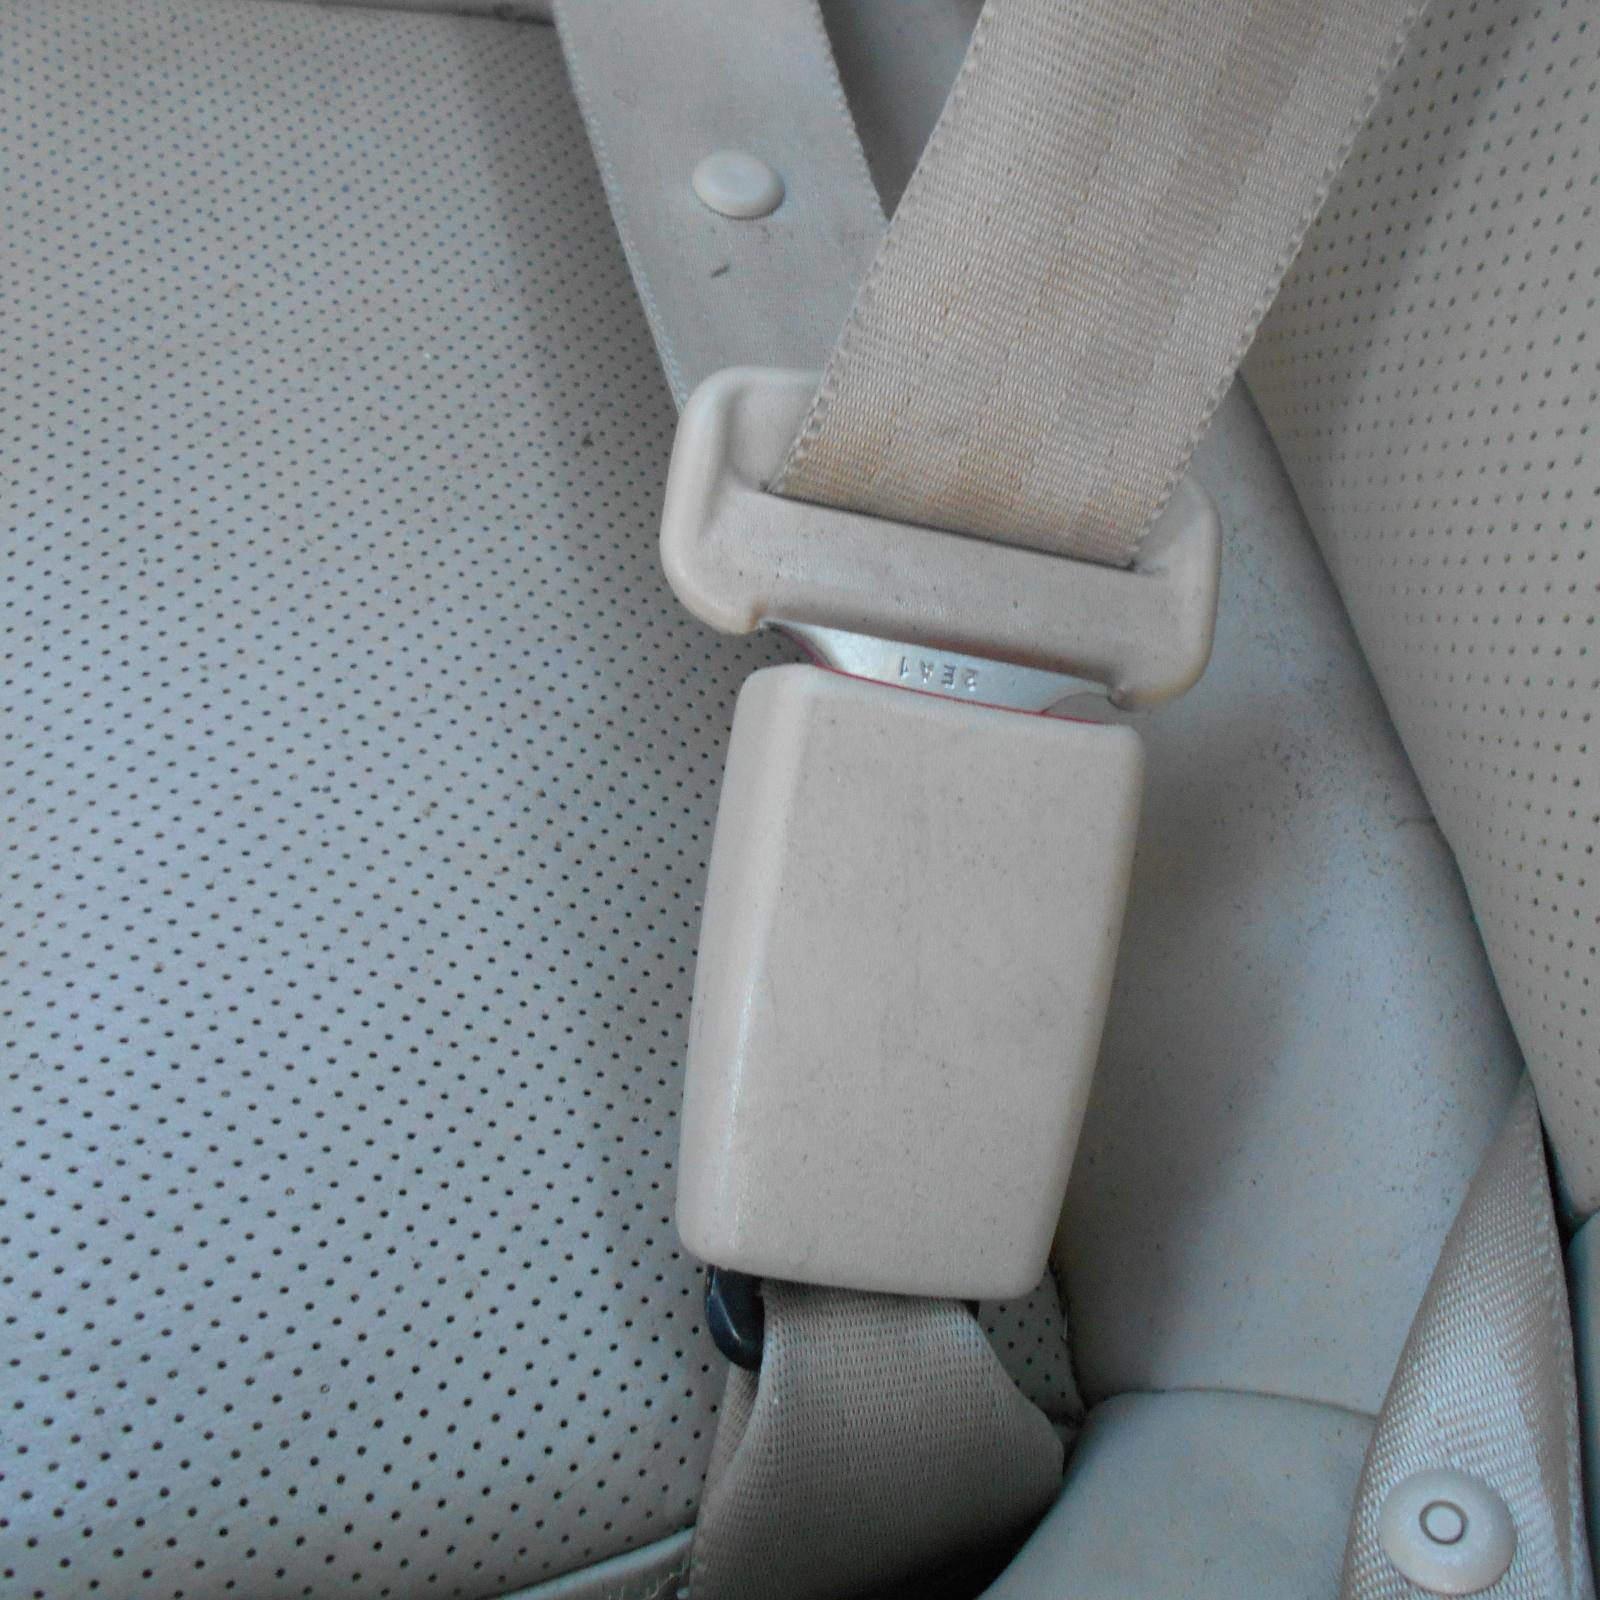 LEXUS IS200/IS300, Seatbelt/Stalk, RH REAR, SEAT BELT STALK ONLY, 03/99-10/05